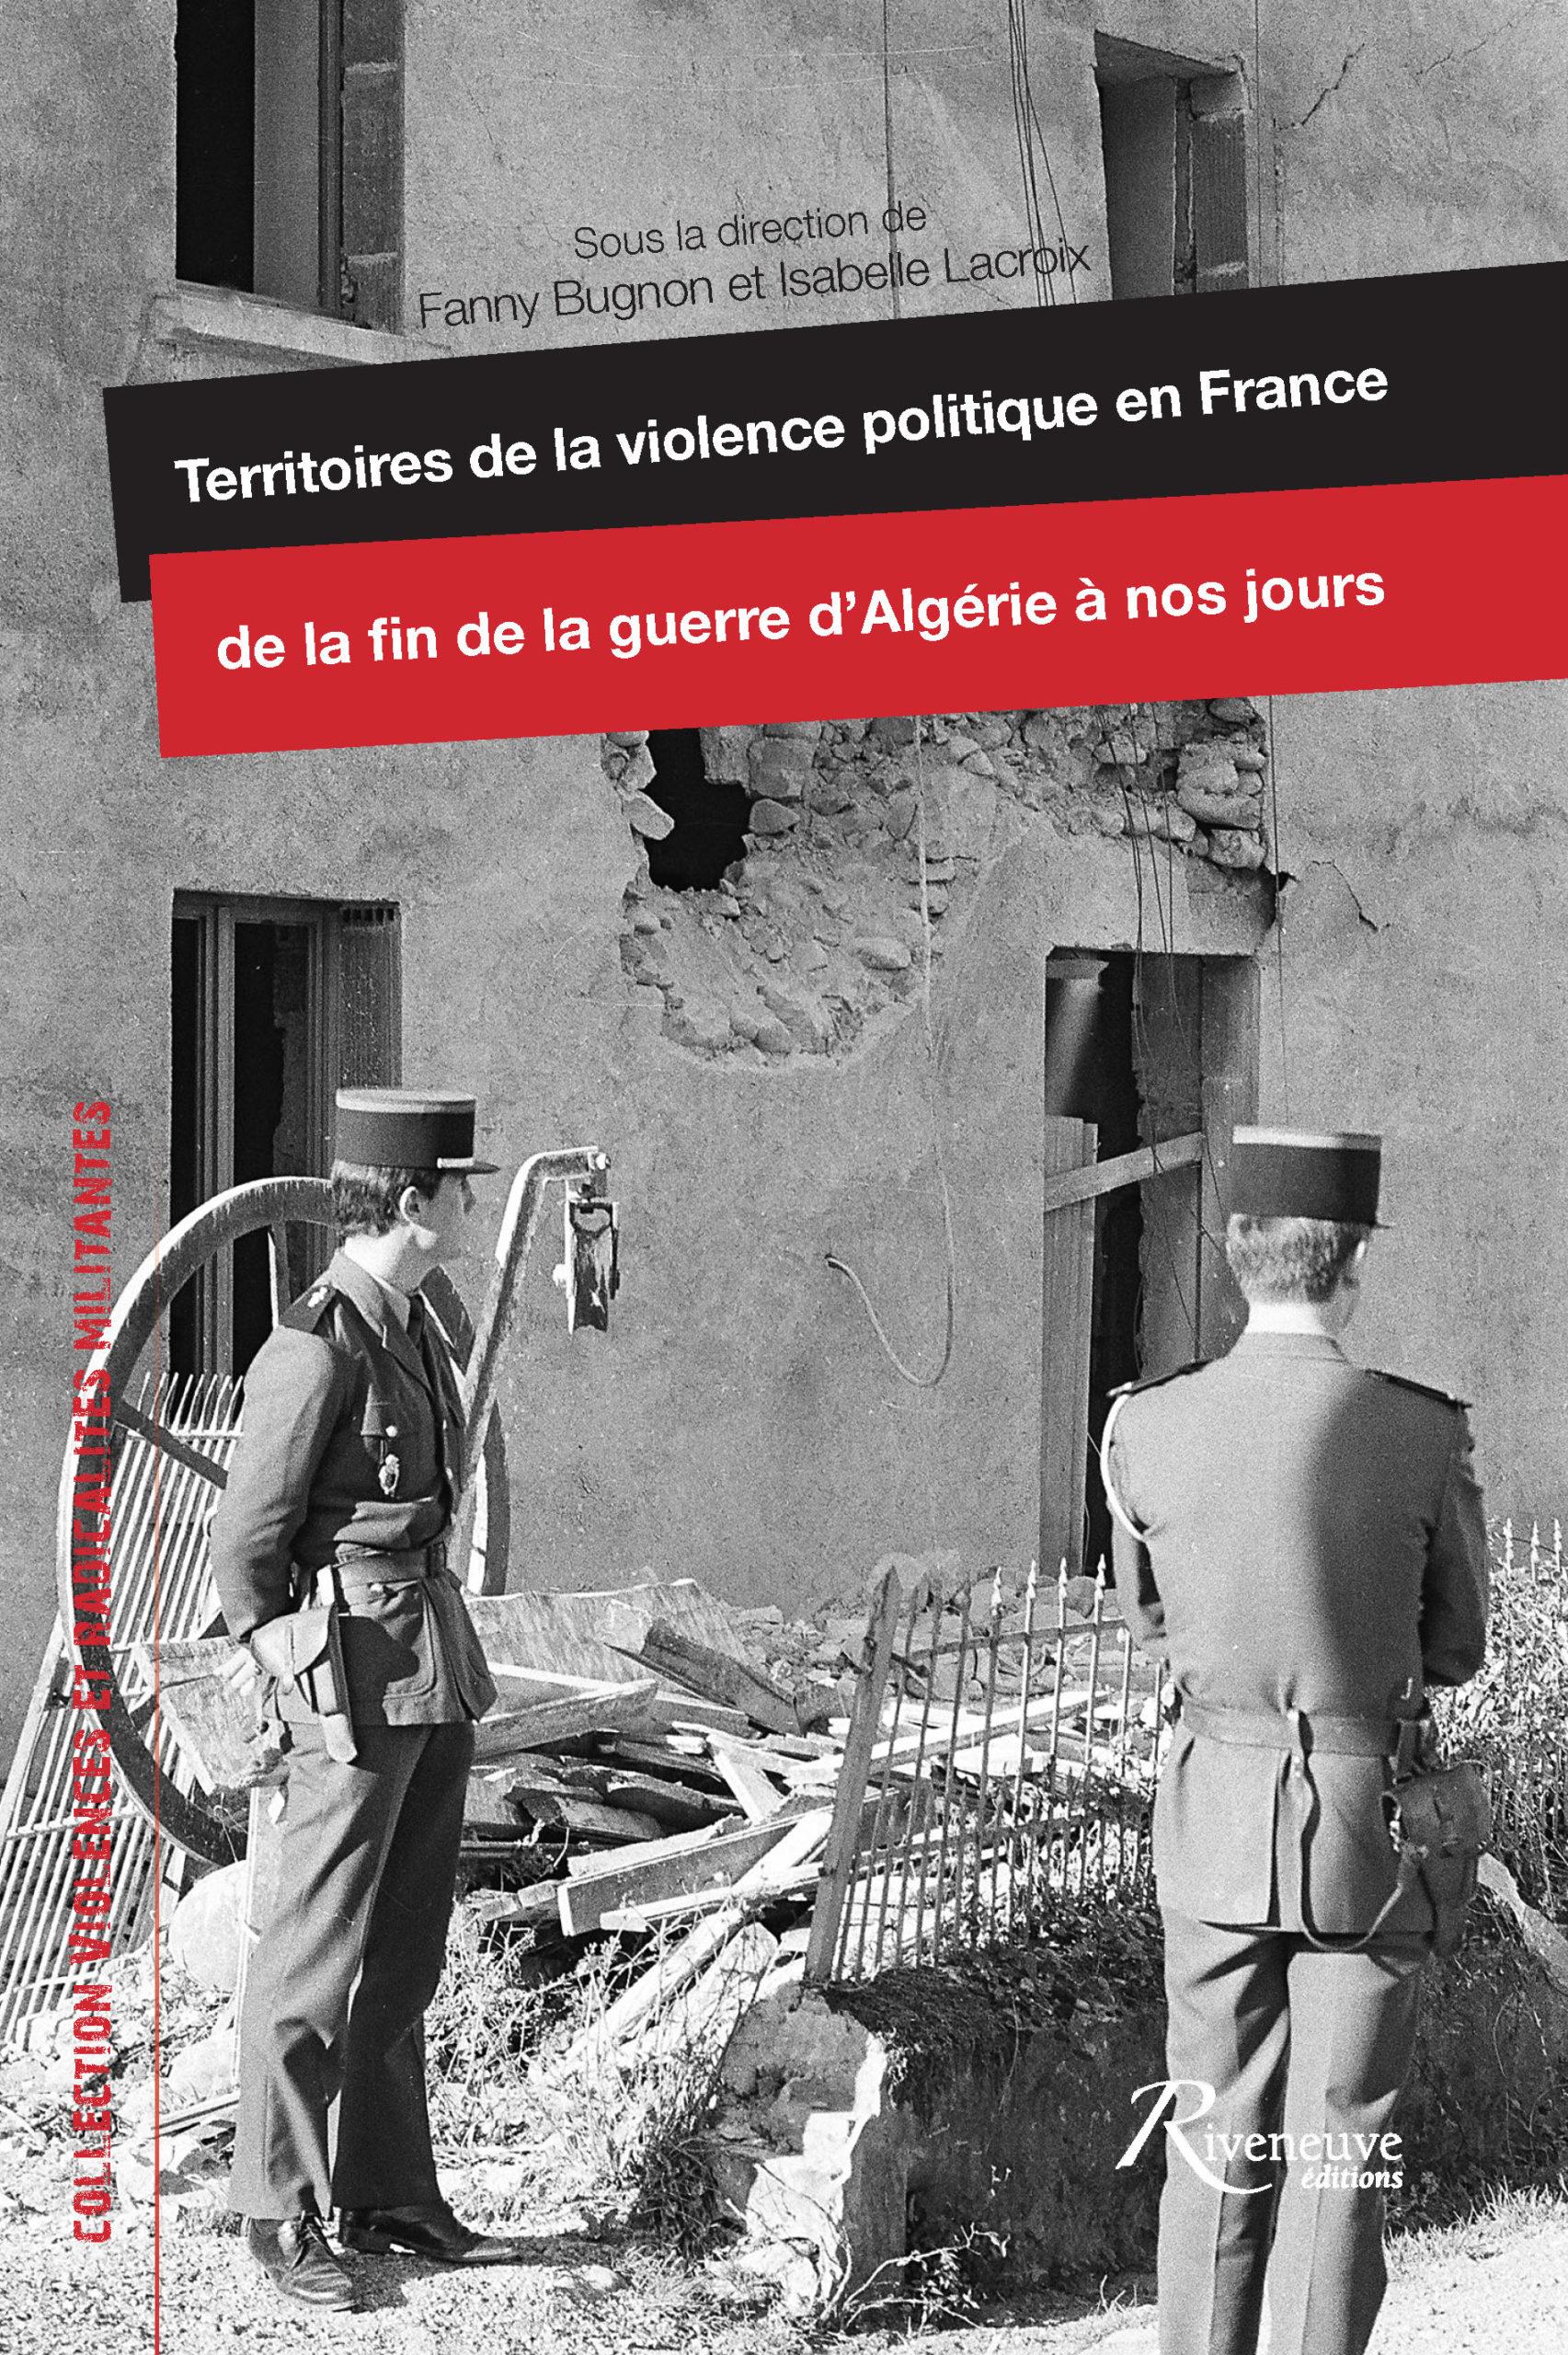 Territoires de la violence politique en France de la fin de la guerre d'Algérie à nos jours